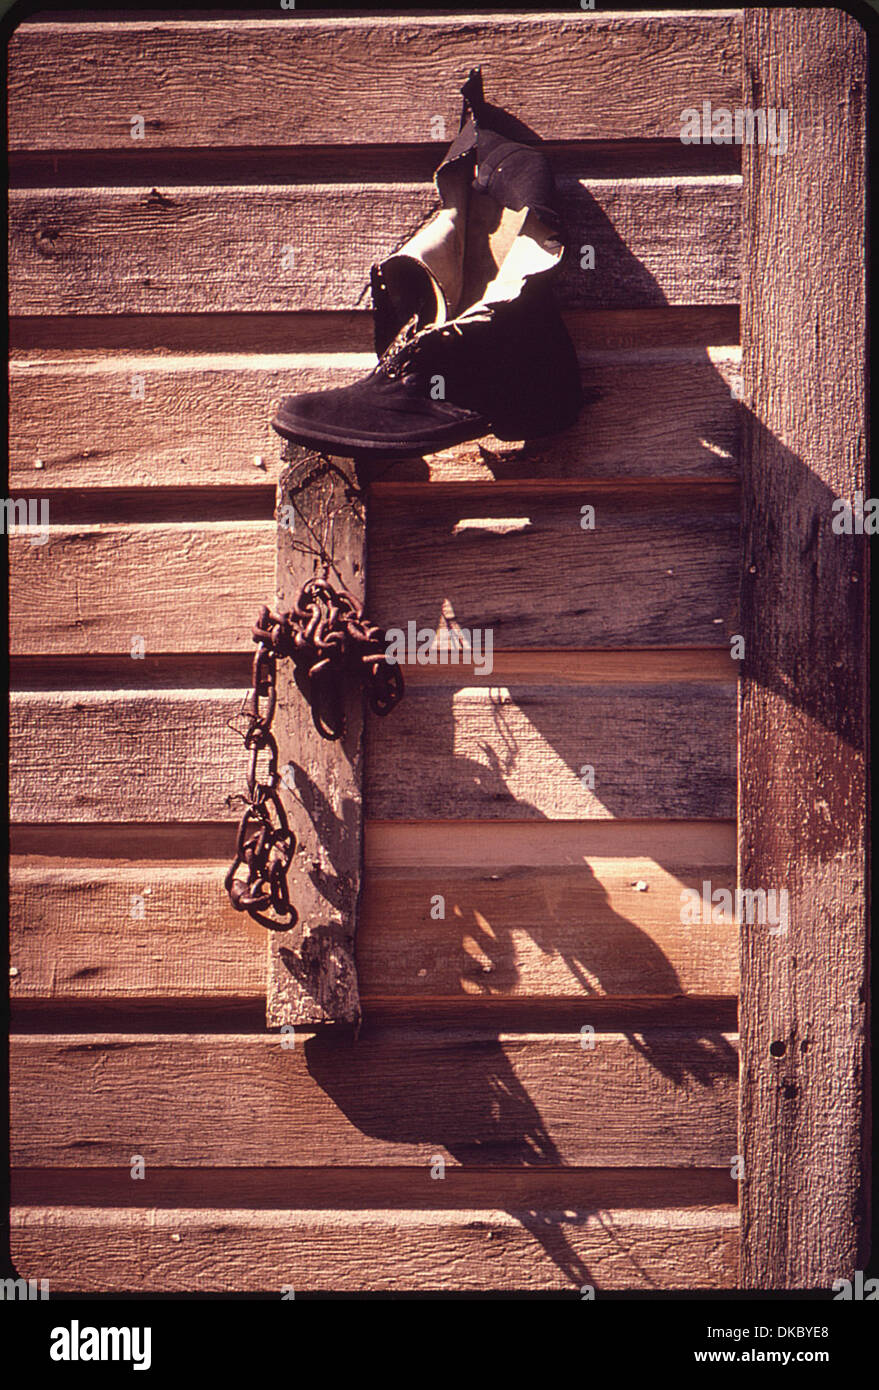 BODIE Parque Histórico del Estado. Uno de los mejor conservados pueblos fantasma en los EE.UU. 543136 Imagen De Stock